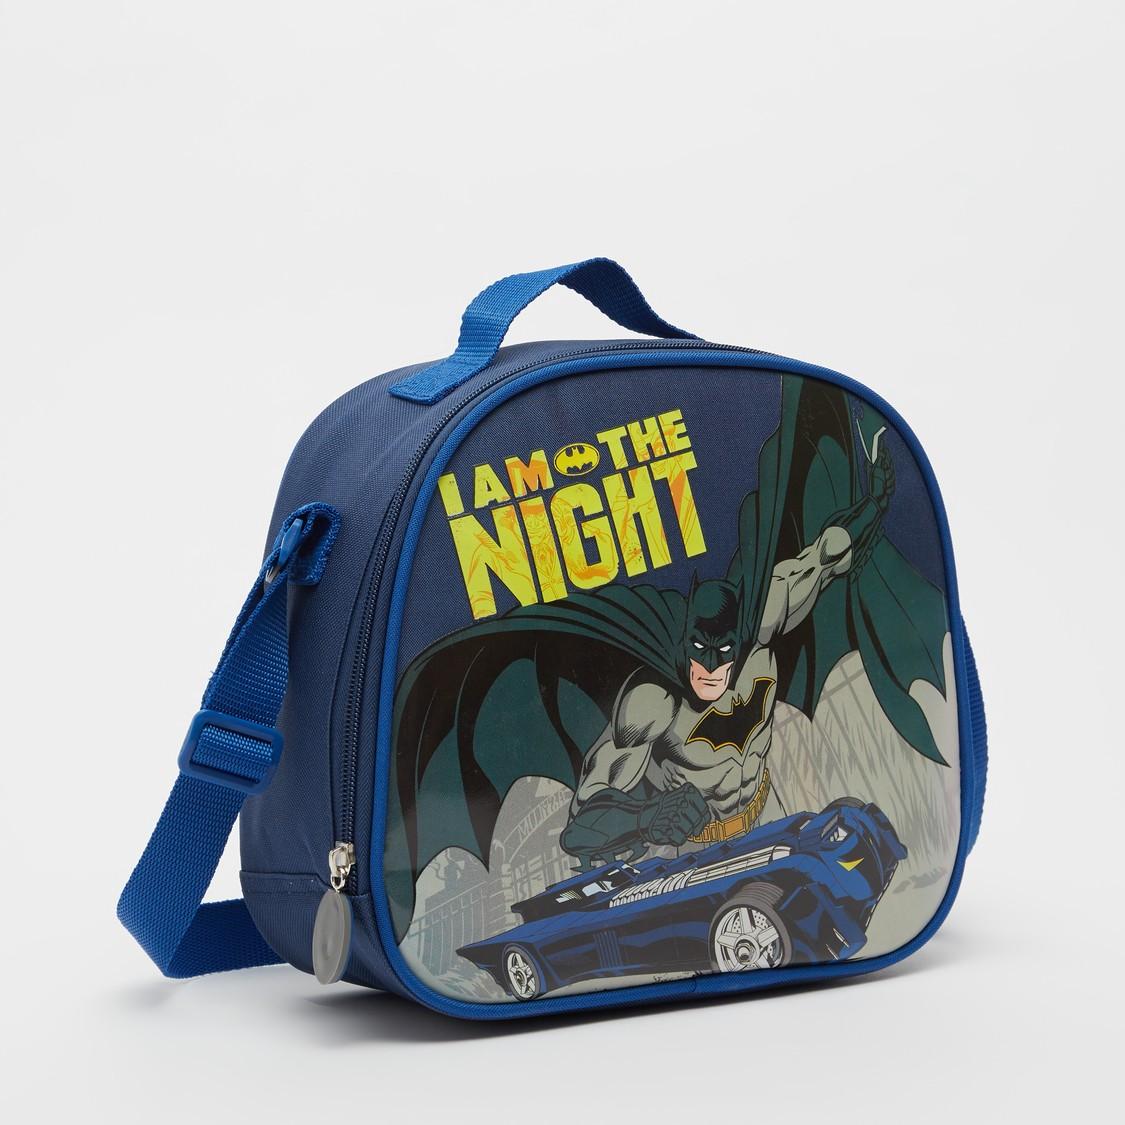 شنطة غداء بطبعات باتمان وحزام قابل للتّعديل